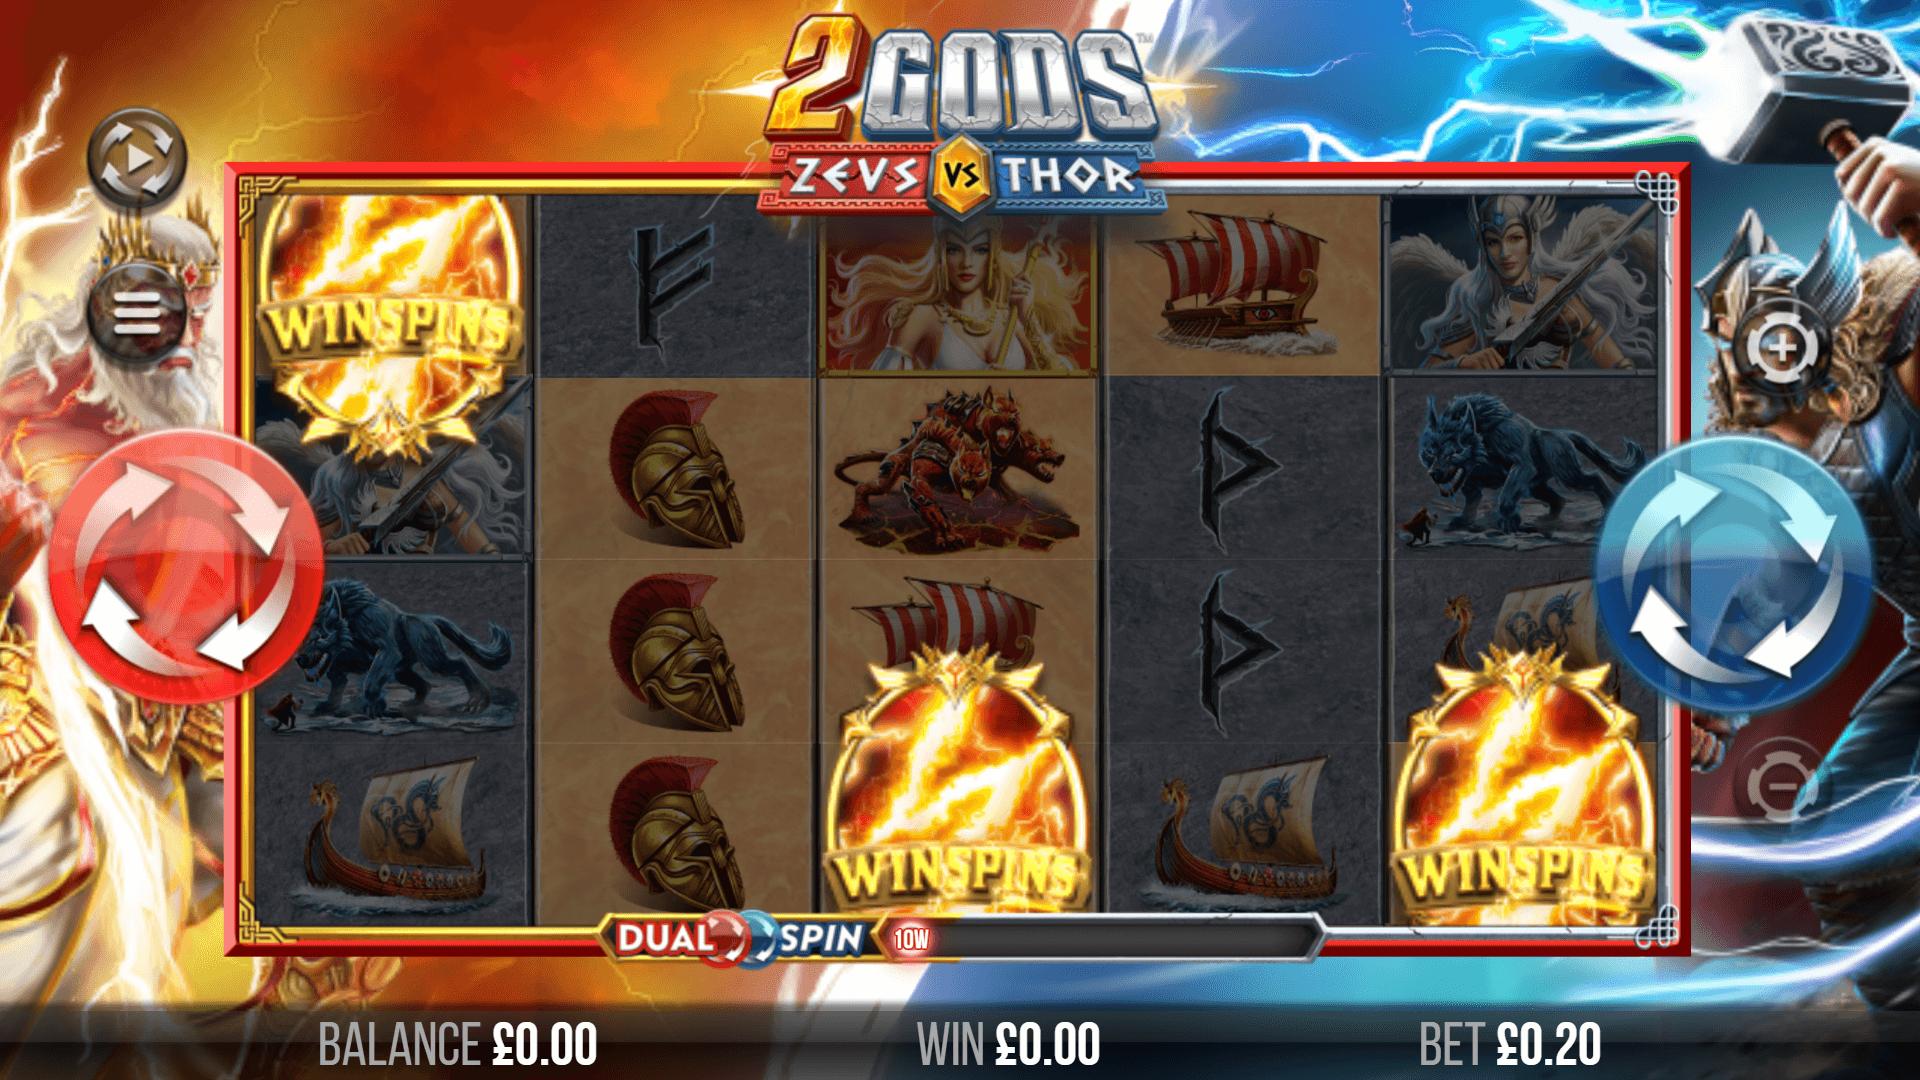 Zeus Versus Thor